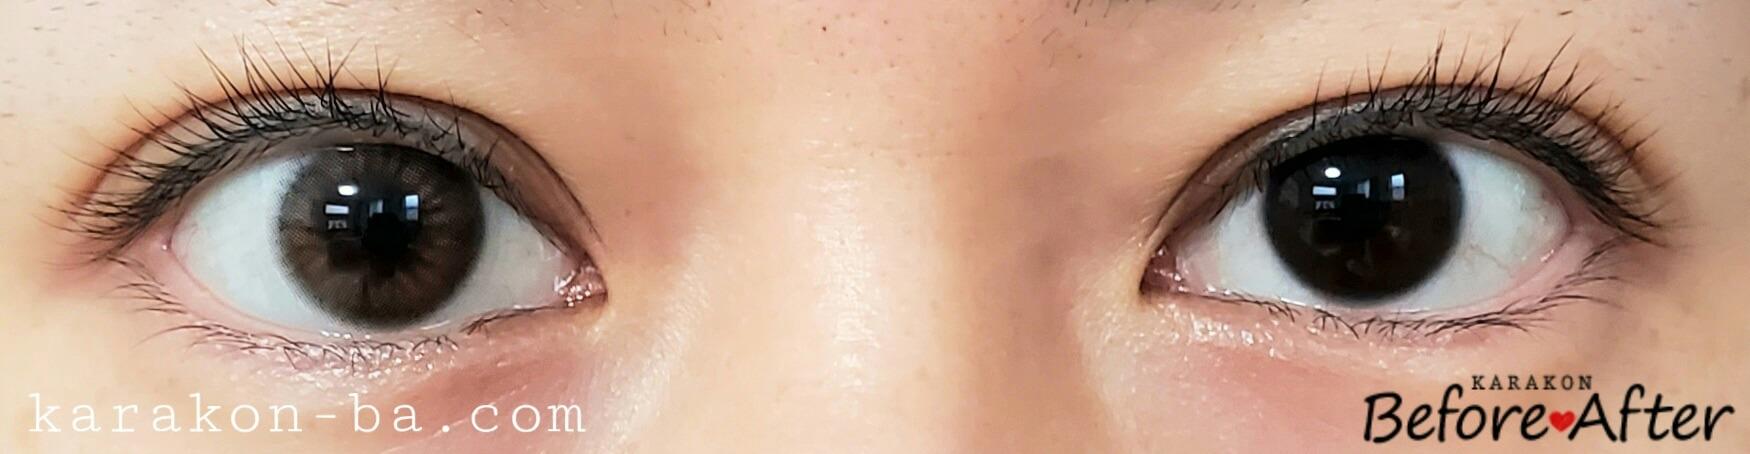 シュガーブラウンのカラコン装着画像/裸眼と比較